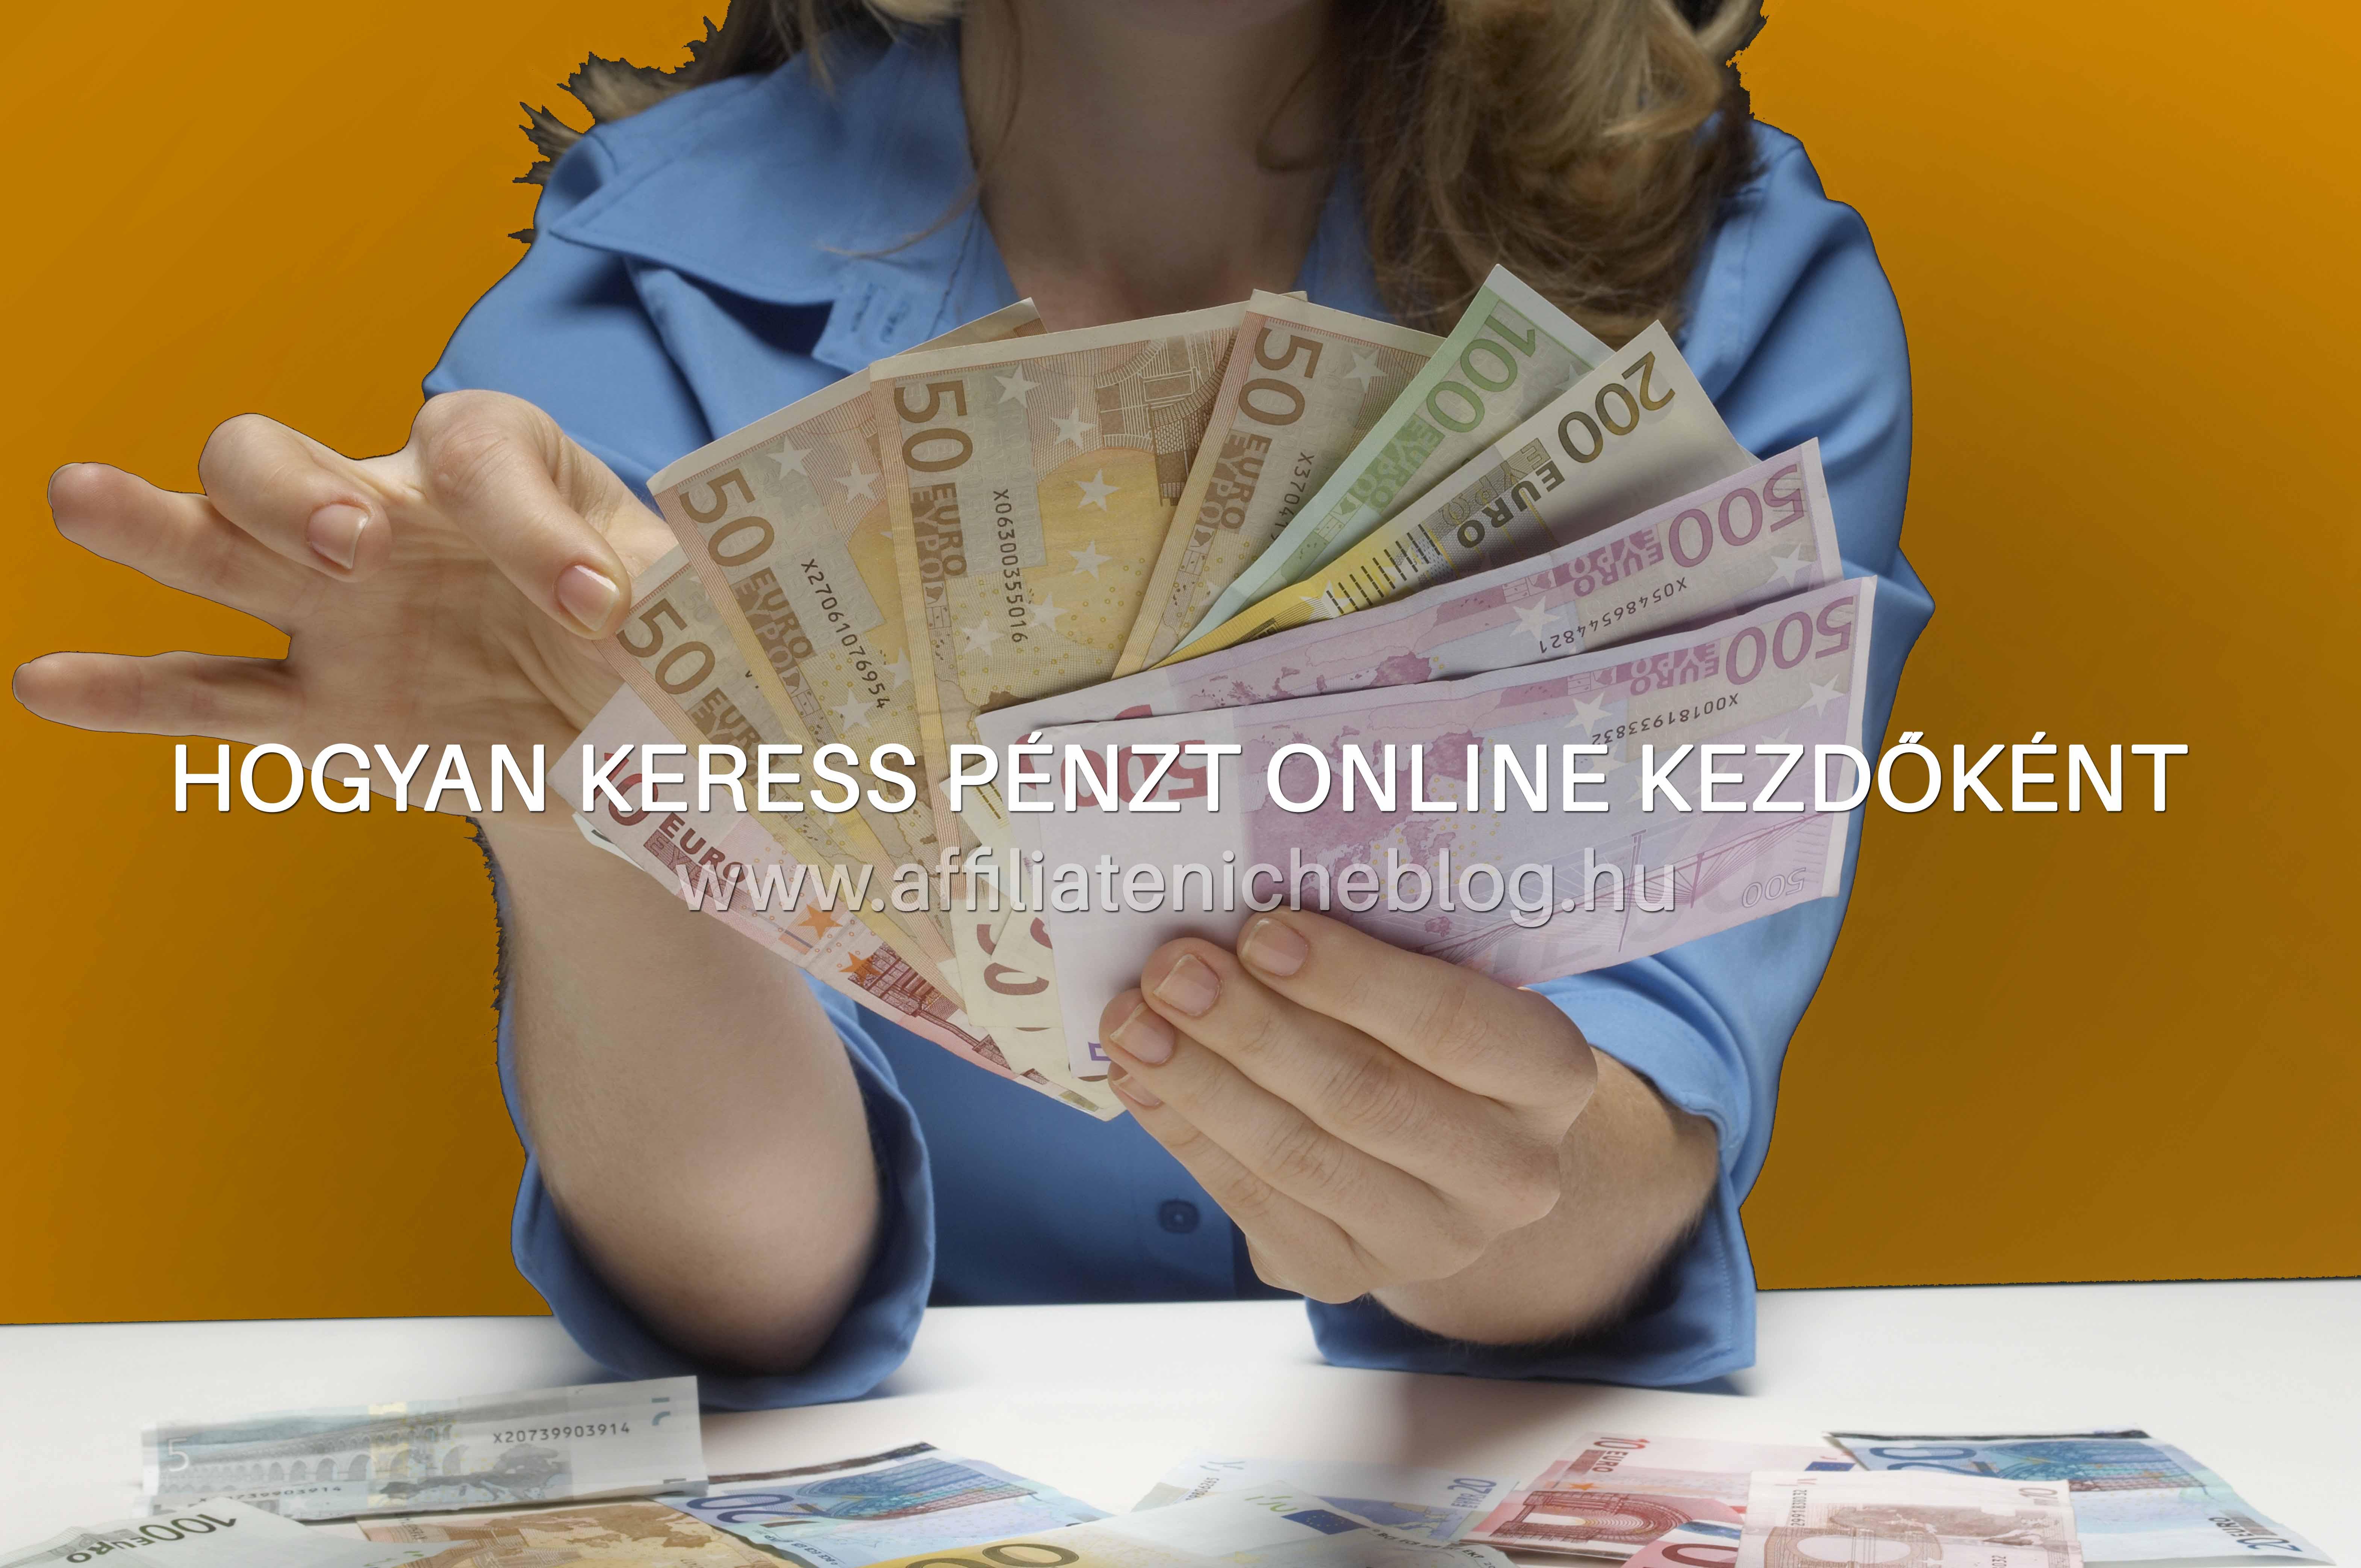 mindent arról, hogy pénzt keres online online